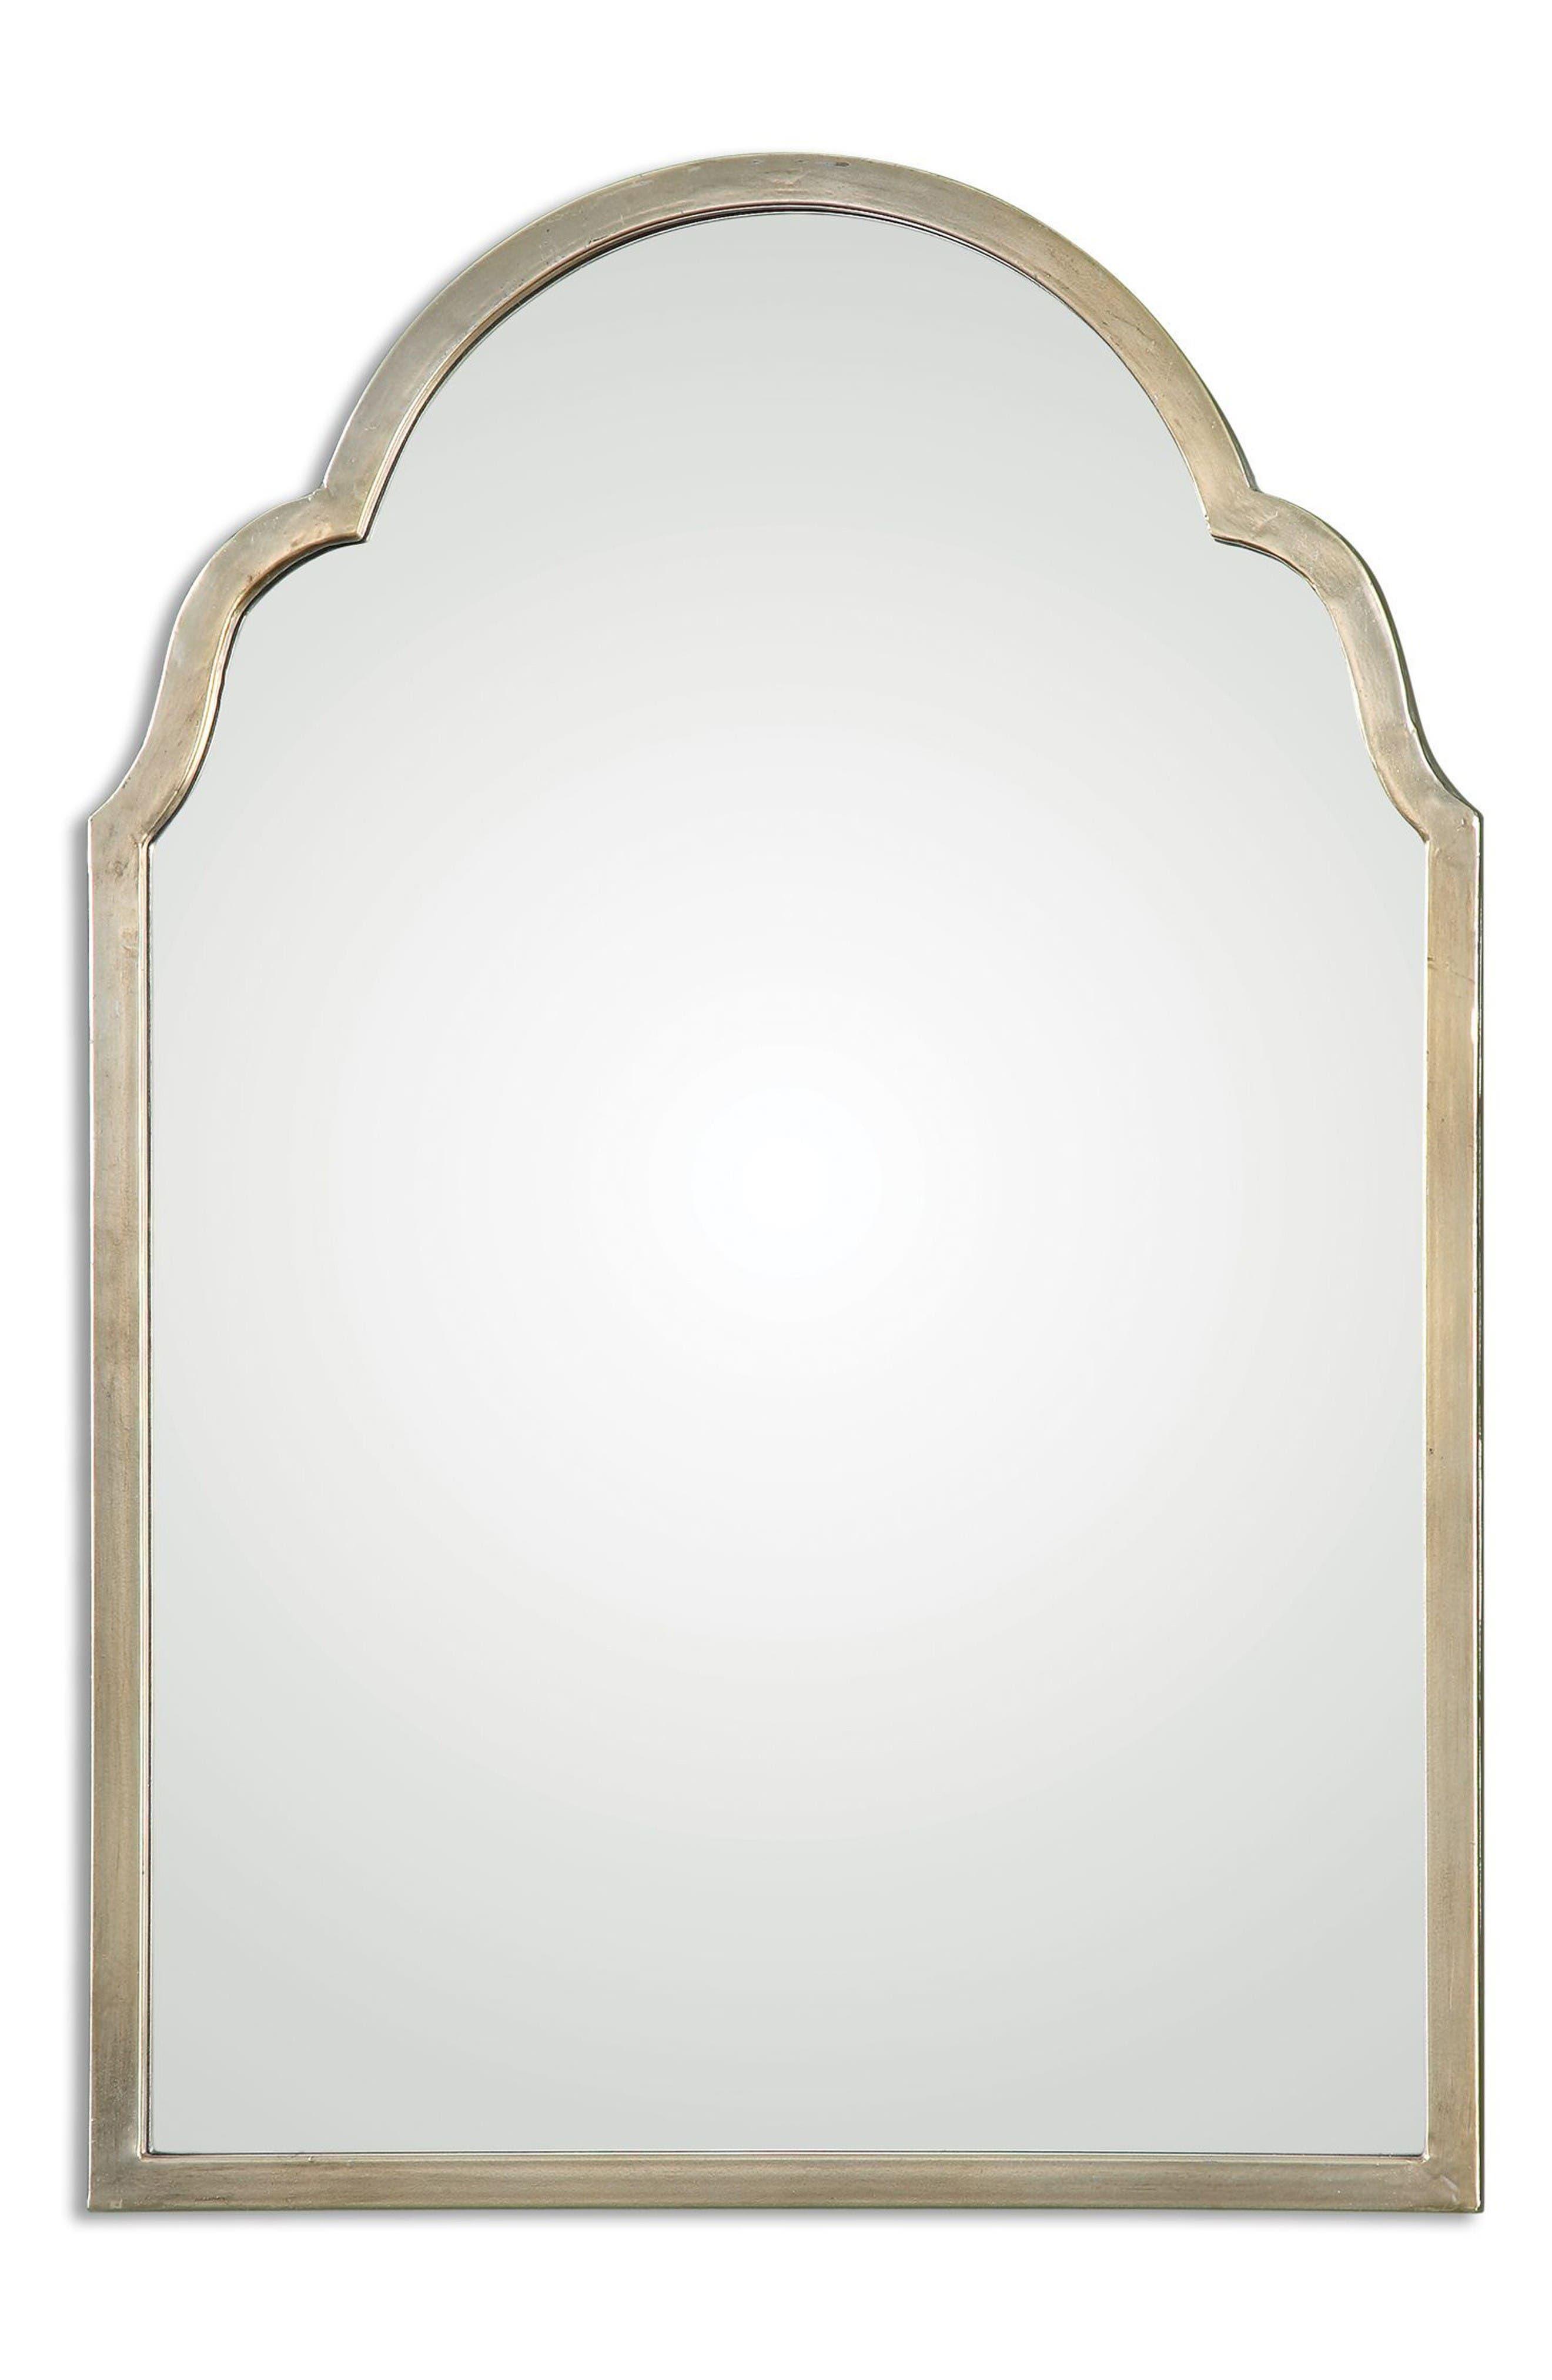 Main Image - Uttermost Brayden Small Arch Mirror